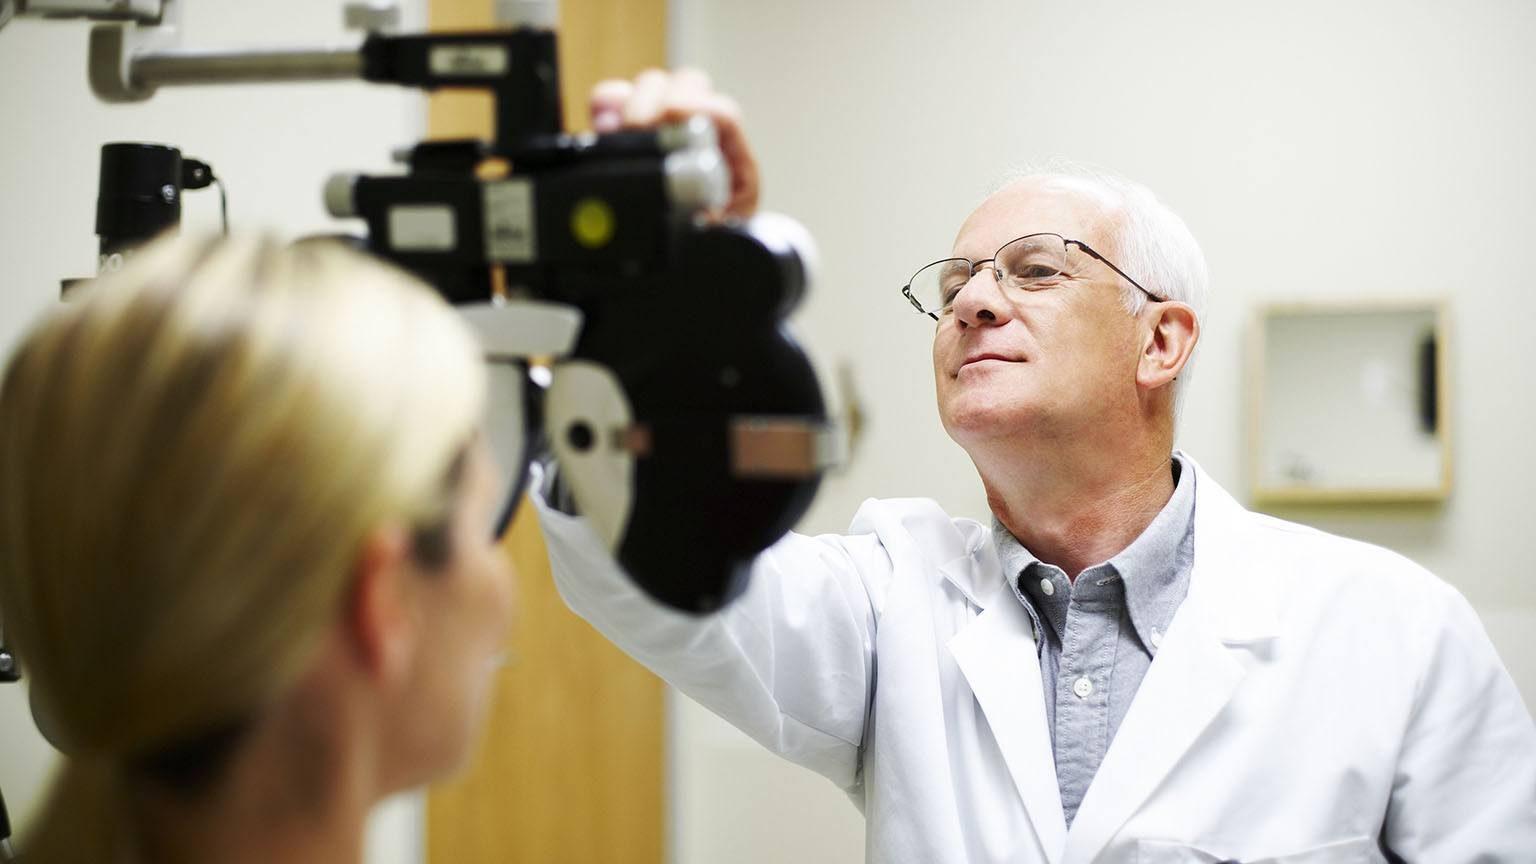 Opthalmologist